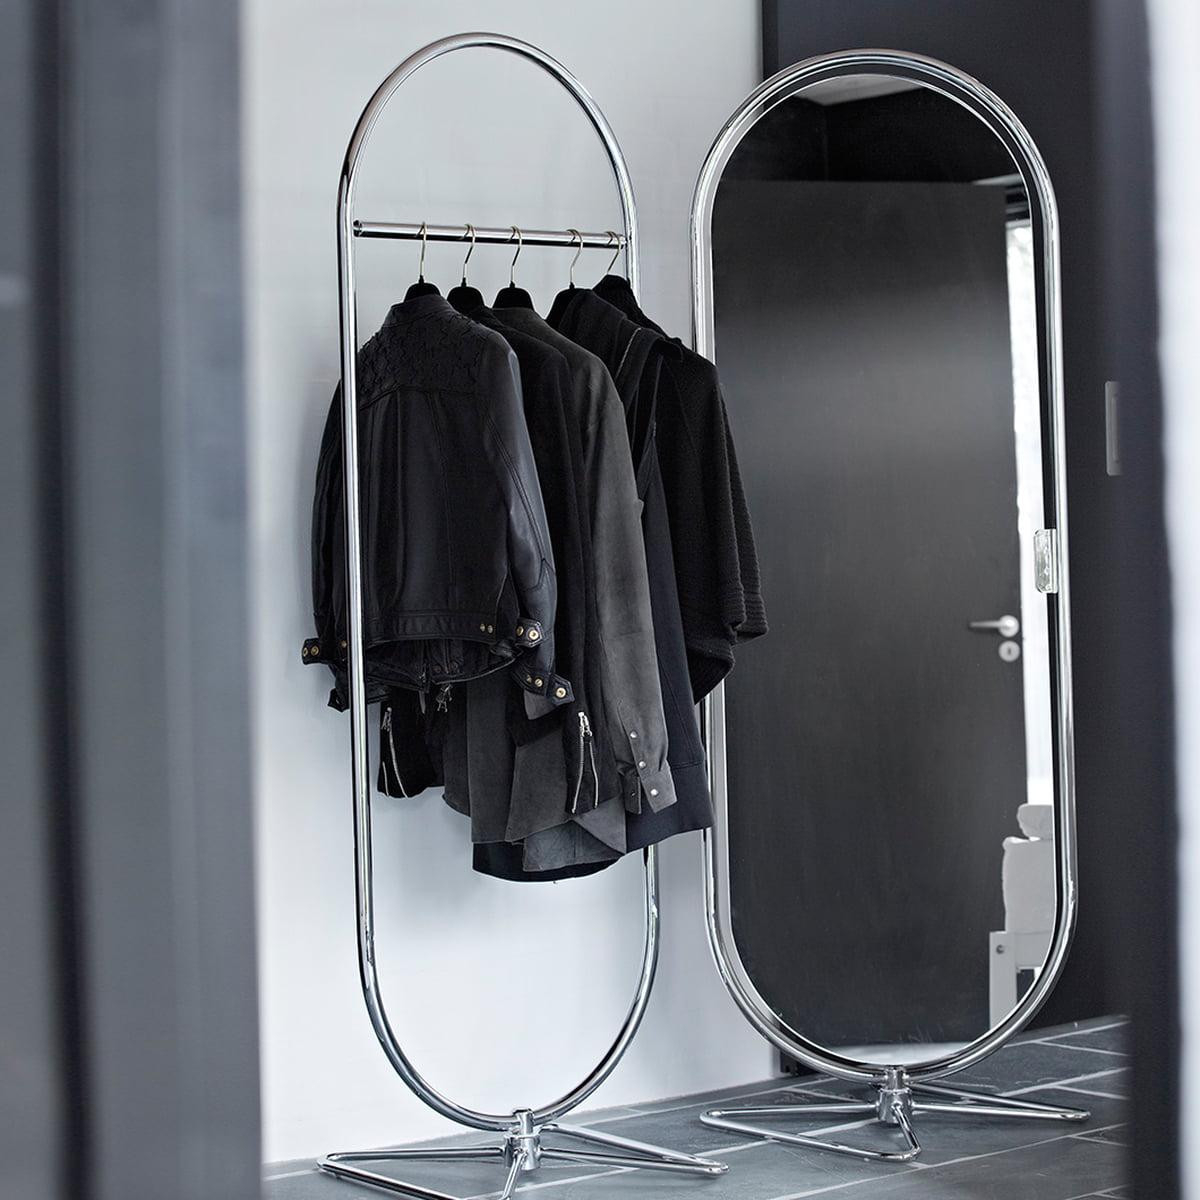 spiegel system 1 2 3 von verpan connox. Black Bedroom Furniture Sets. Home Design Ideas